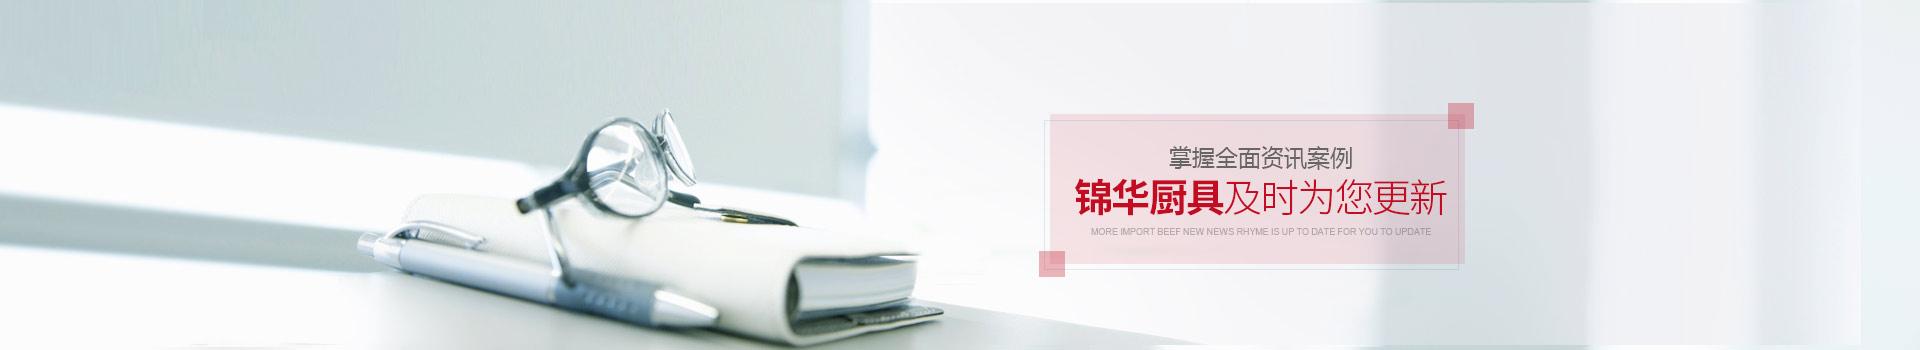 锦华厨具-关注锦华厨具动态,掌握全面资讯案例